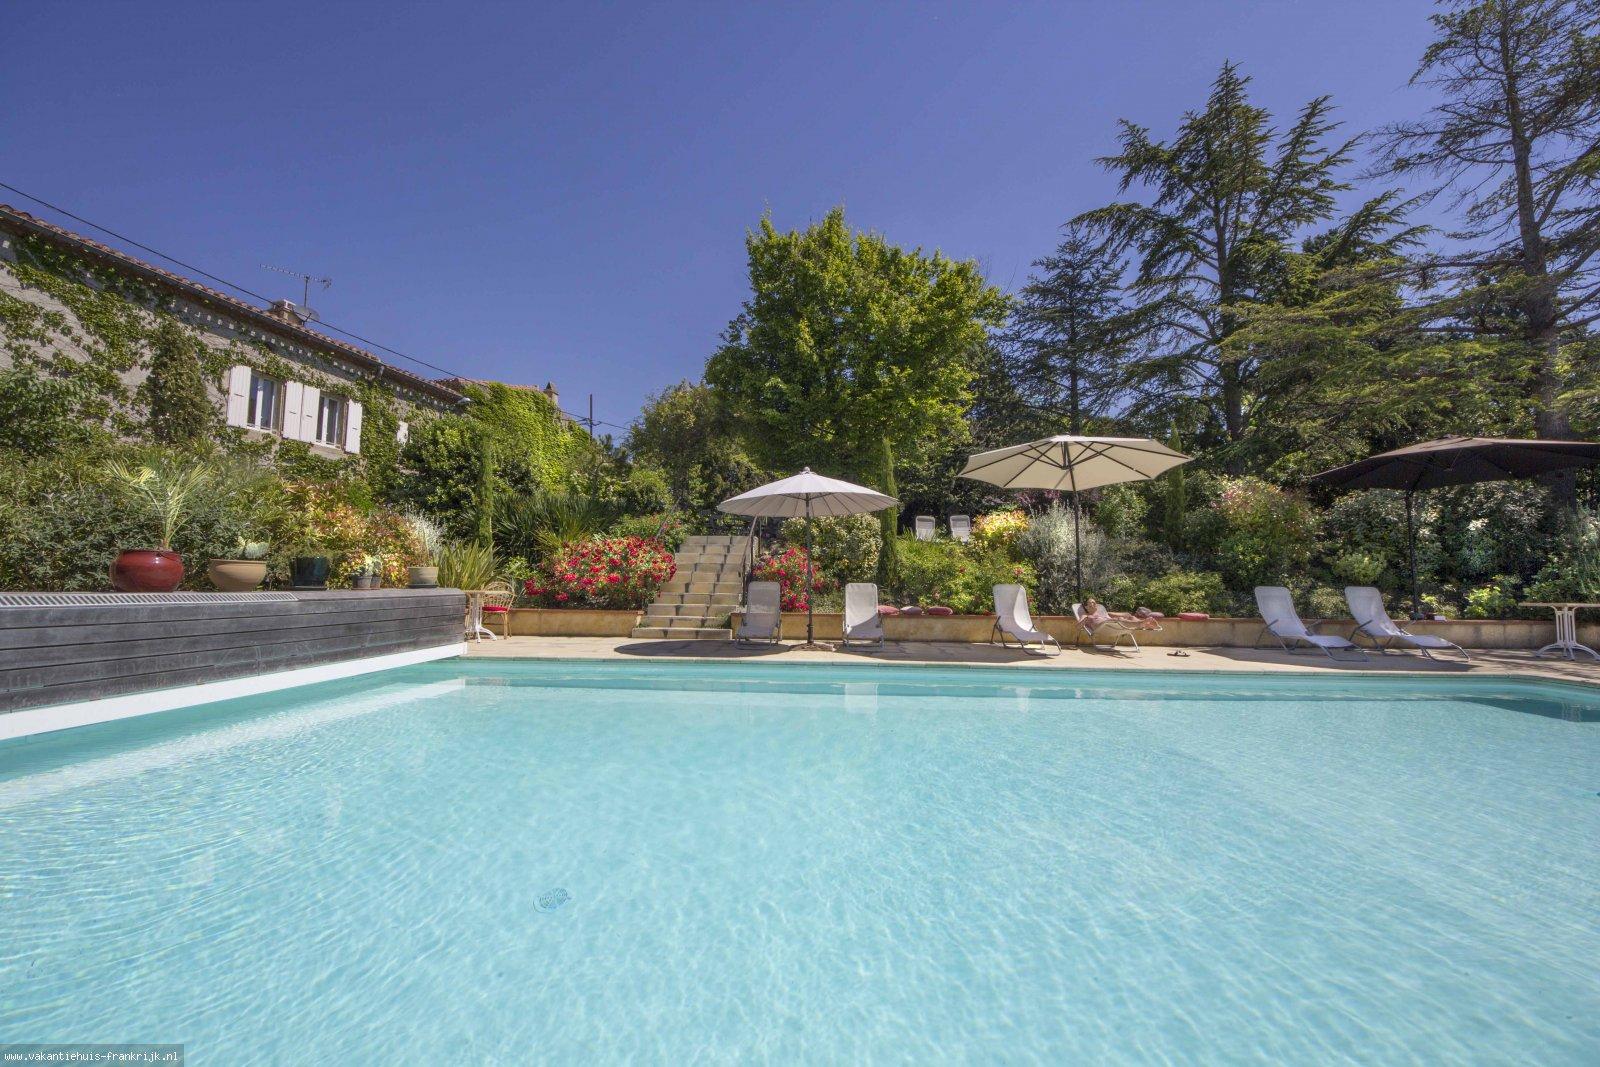 Vakantiehuis: Prachtig vintage ingericht ruim vakantiehuis met eigen opgang en terrastuin op het zuiden, 4/5 personen. Groot zwembad in schitterende oude parktuin. te huur voor uw vakantie in Aude (Frankrijk)